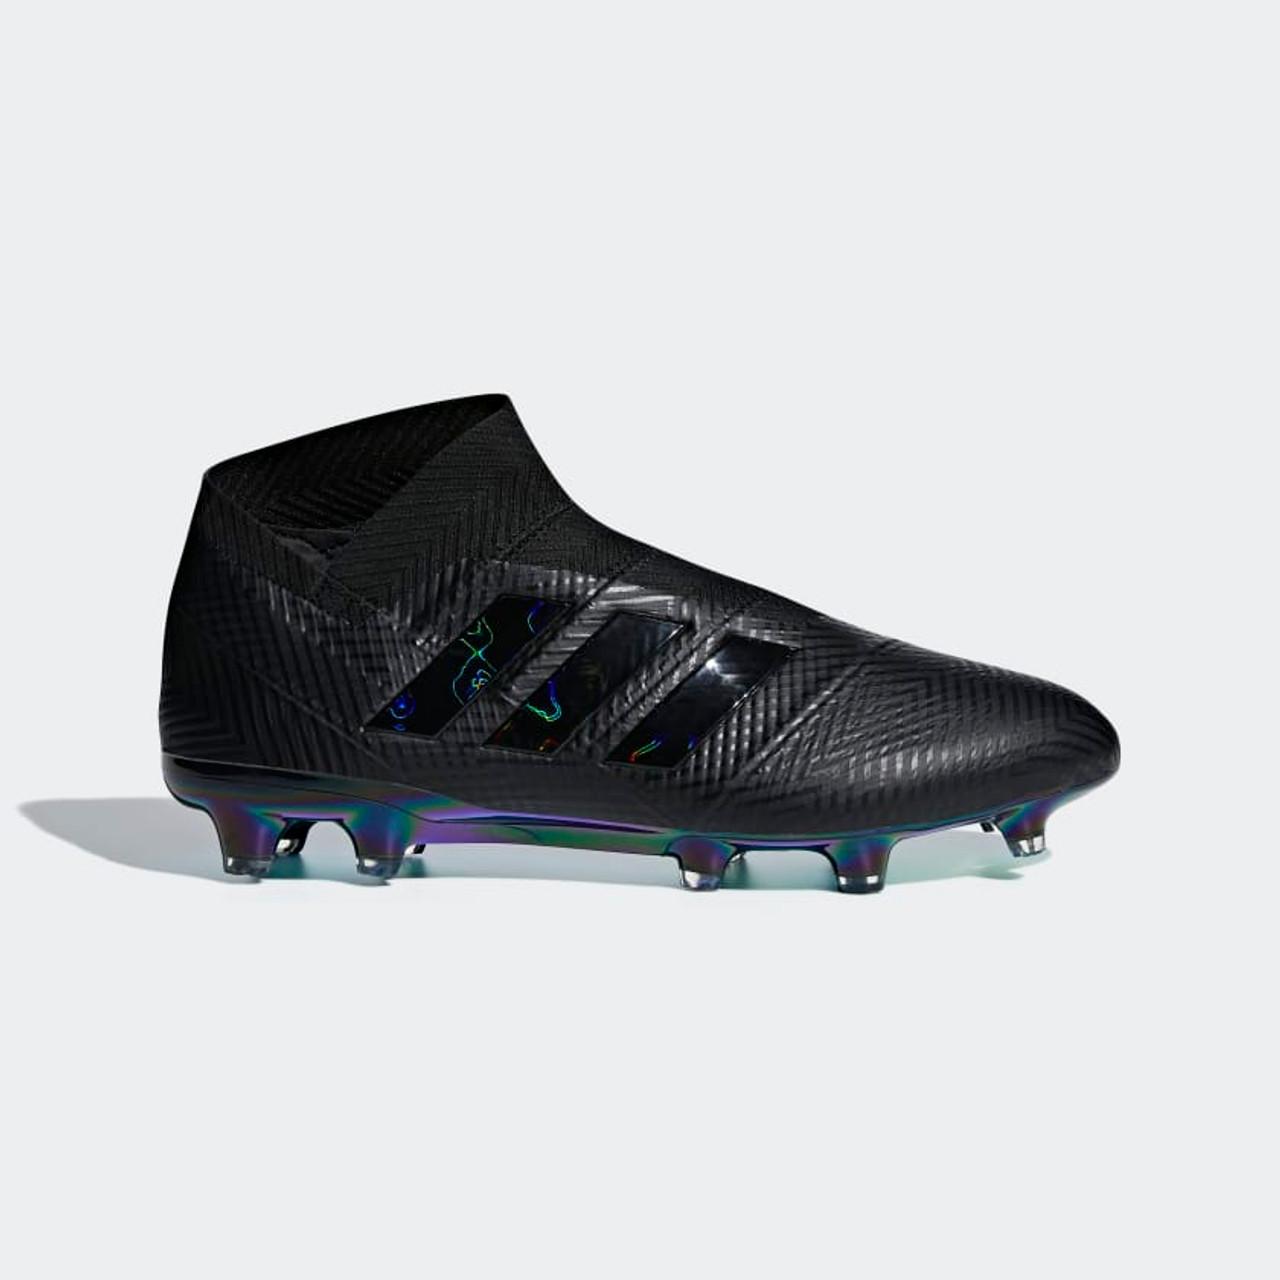 finest selection ea8d3 5218f ADIDAS NEMEZIZ 18+ FG Black - Soccer Plus